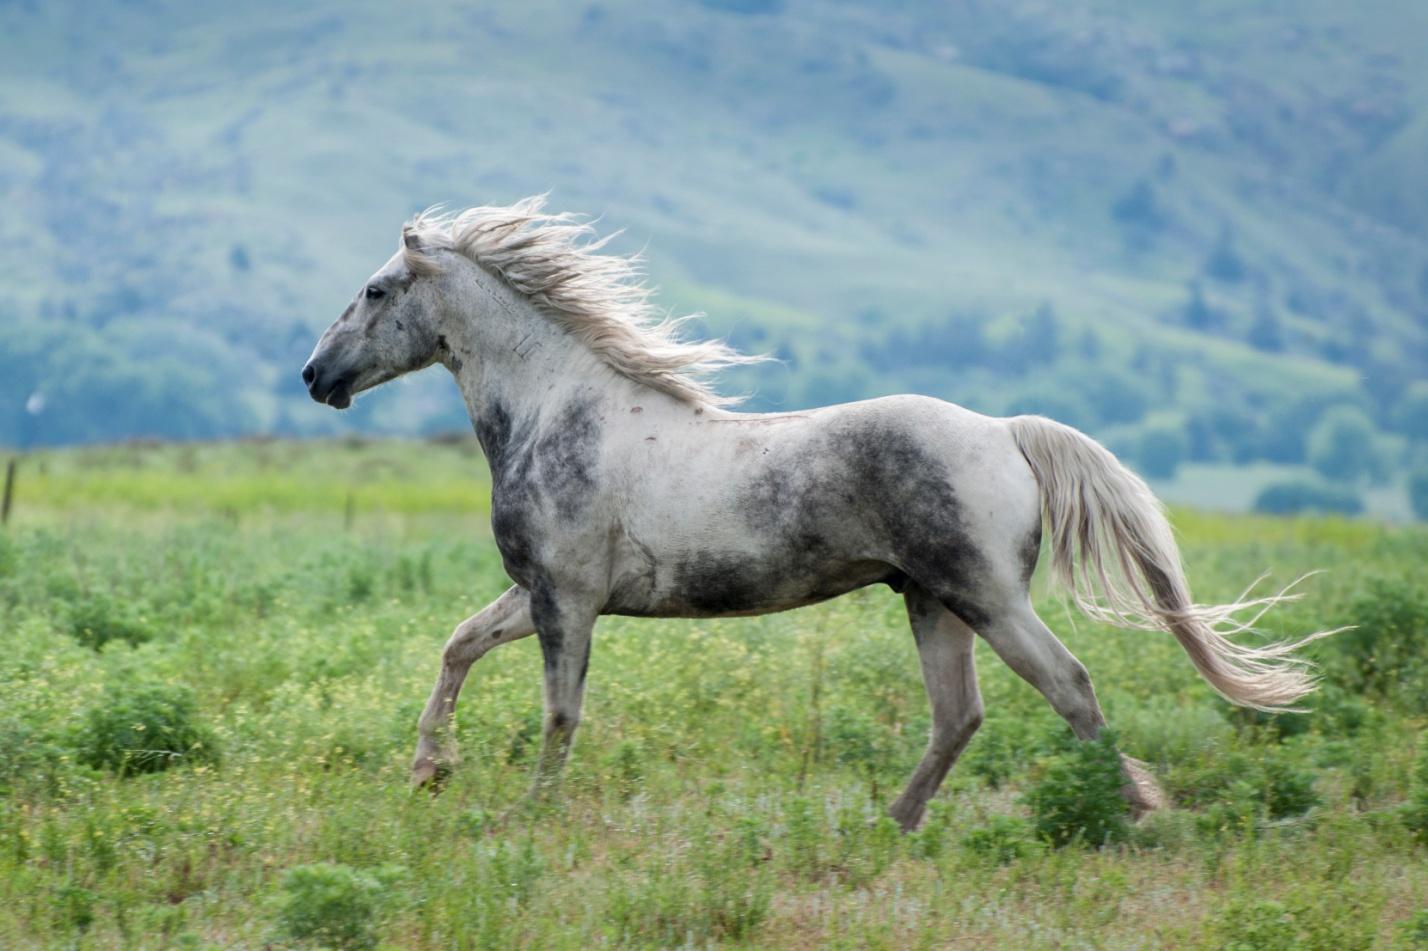 дикая лошадь картинка пафосных ресторанах обязательно